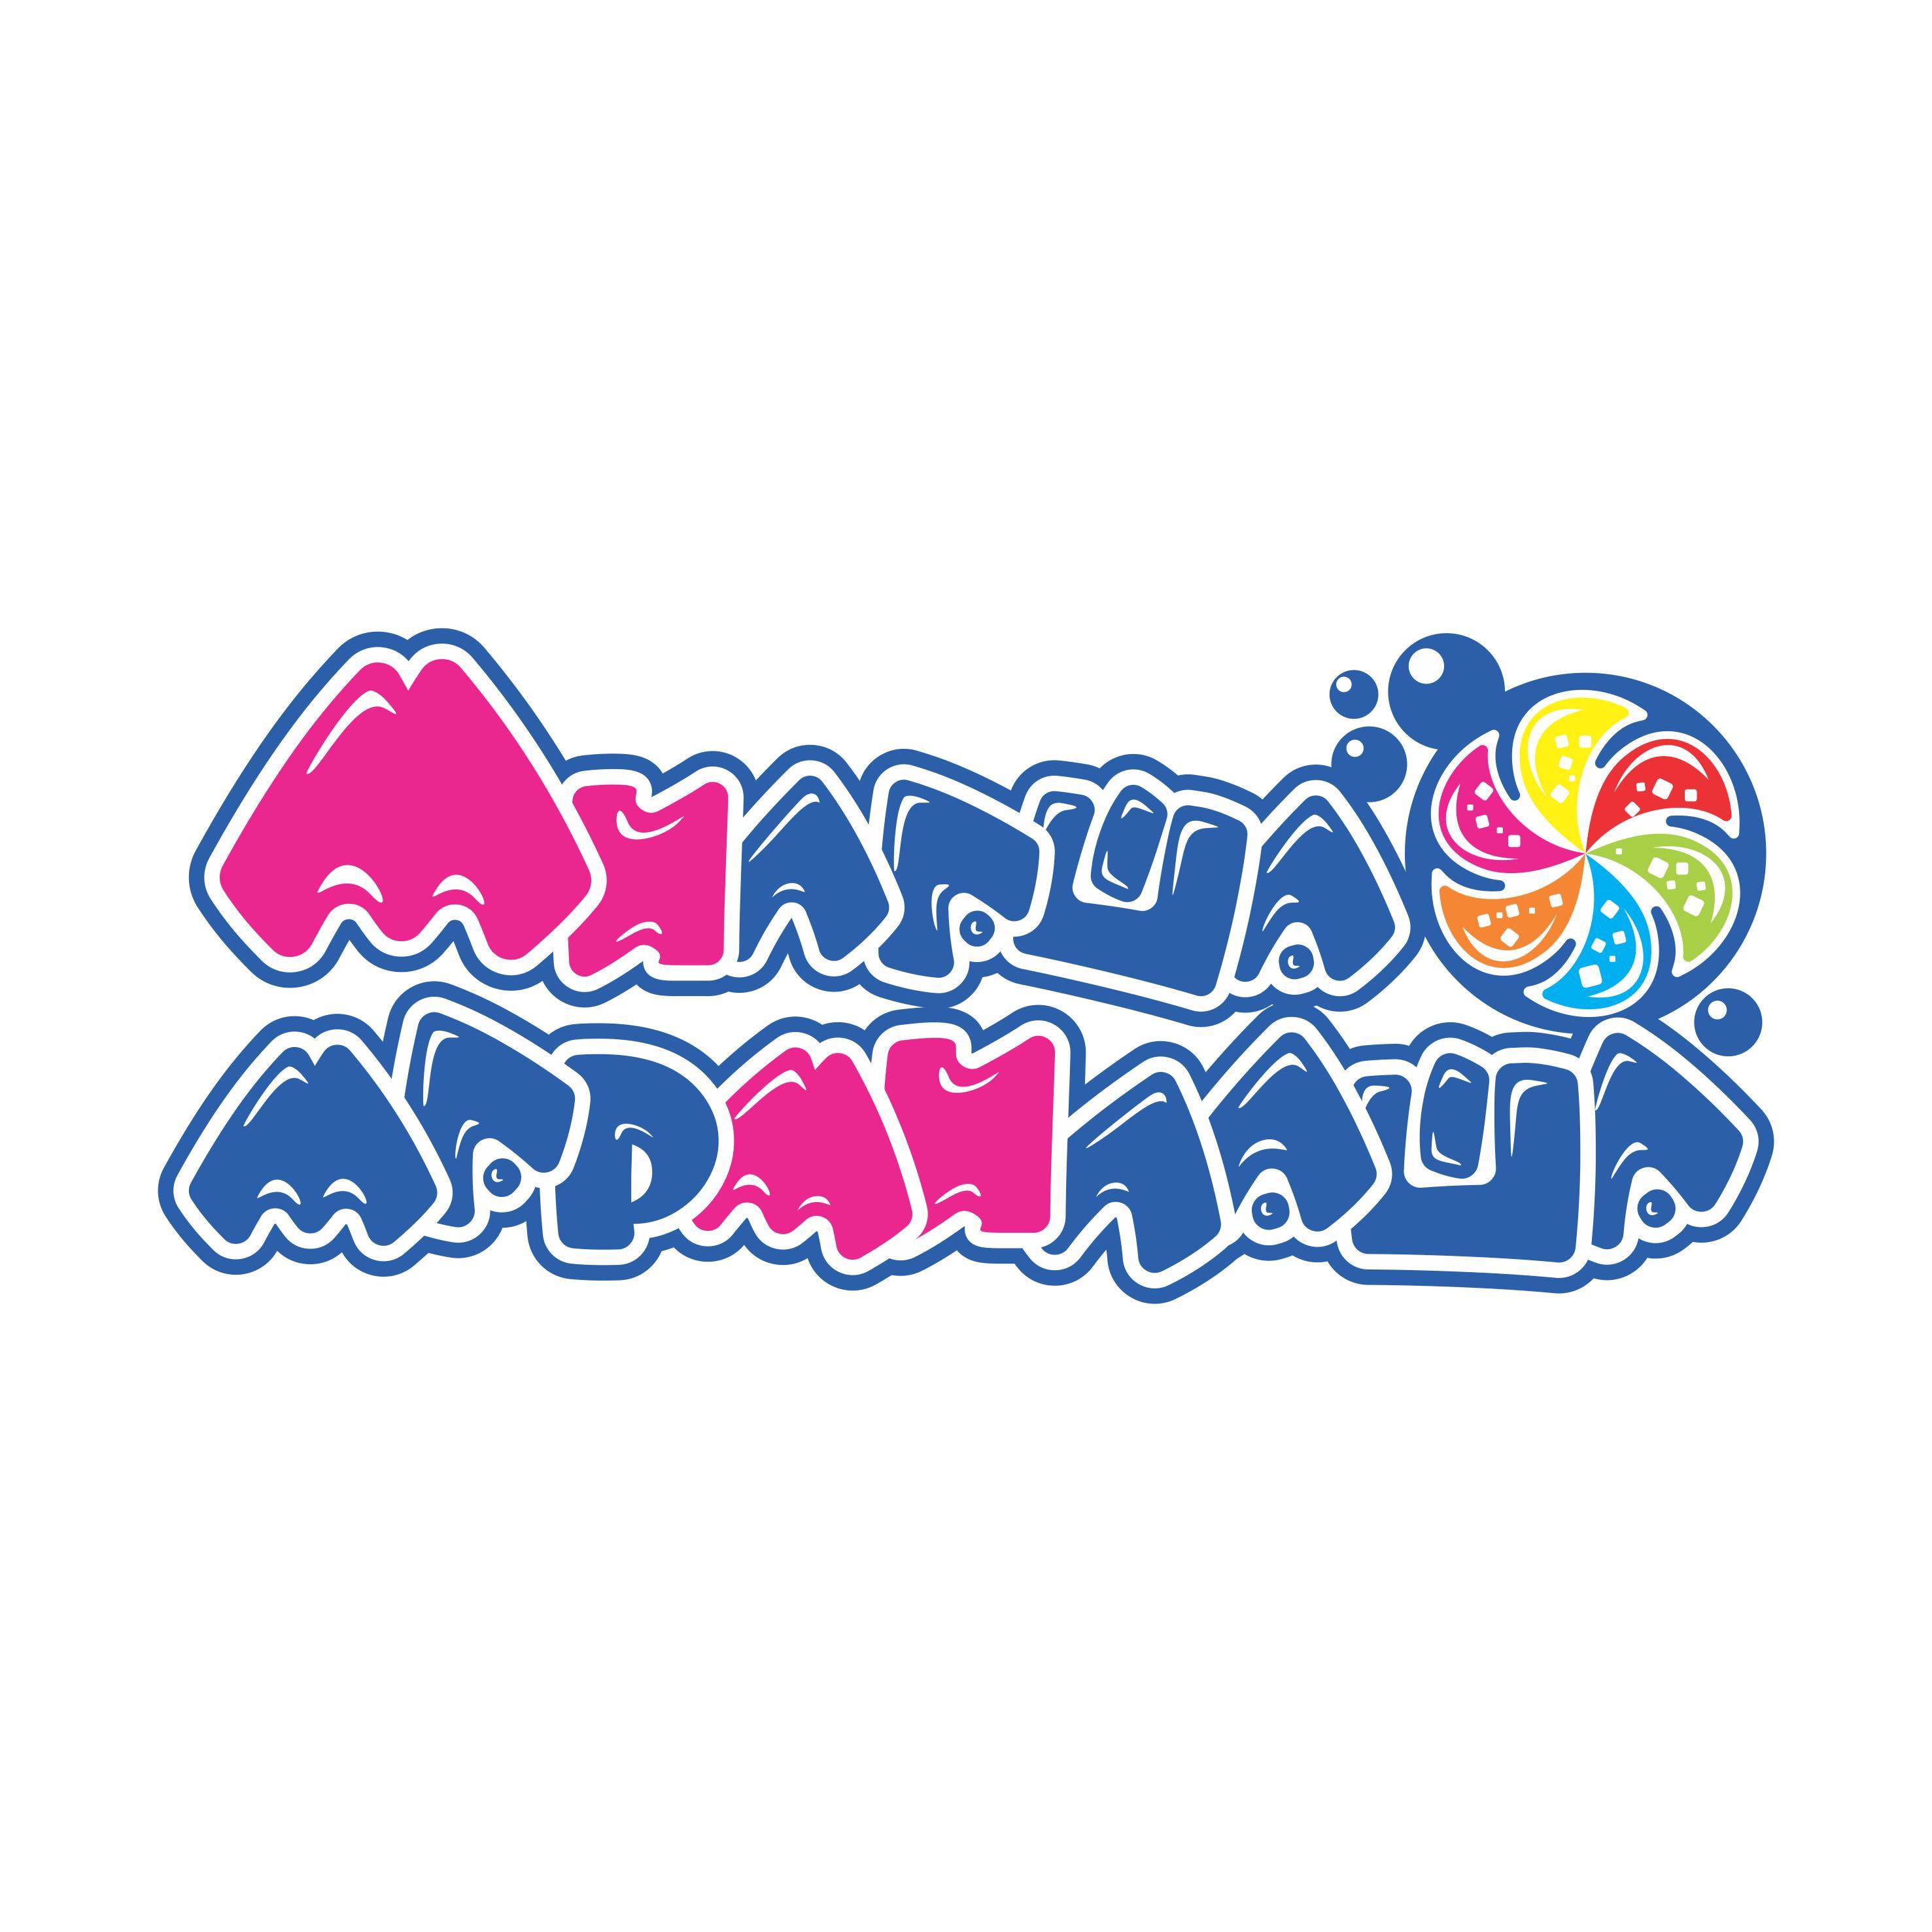 """Логотип для товарного знака """"Милаша-Мармилаша"""" фото f_7385877b23eb122b.jpg"""